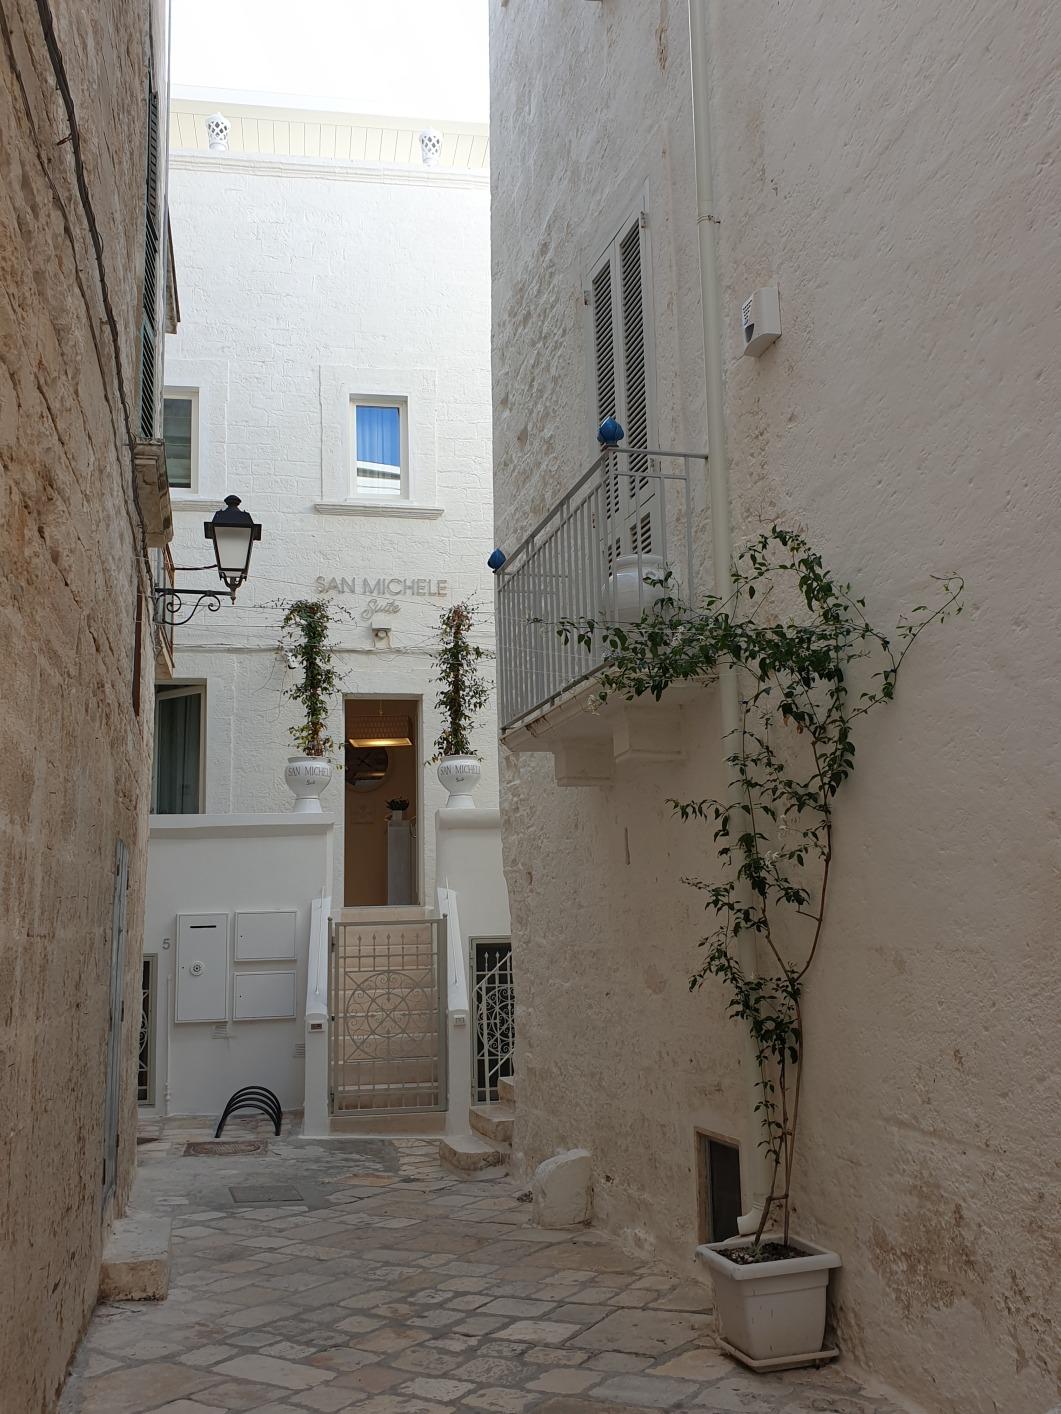 Apulia153